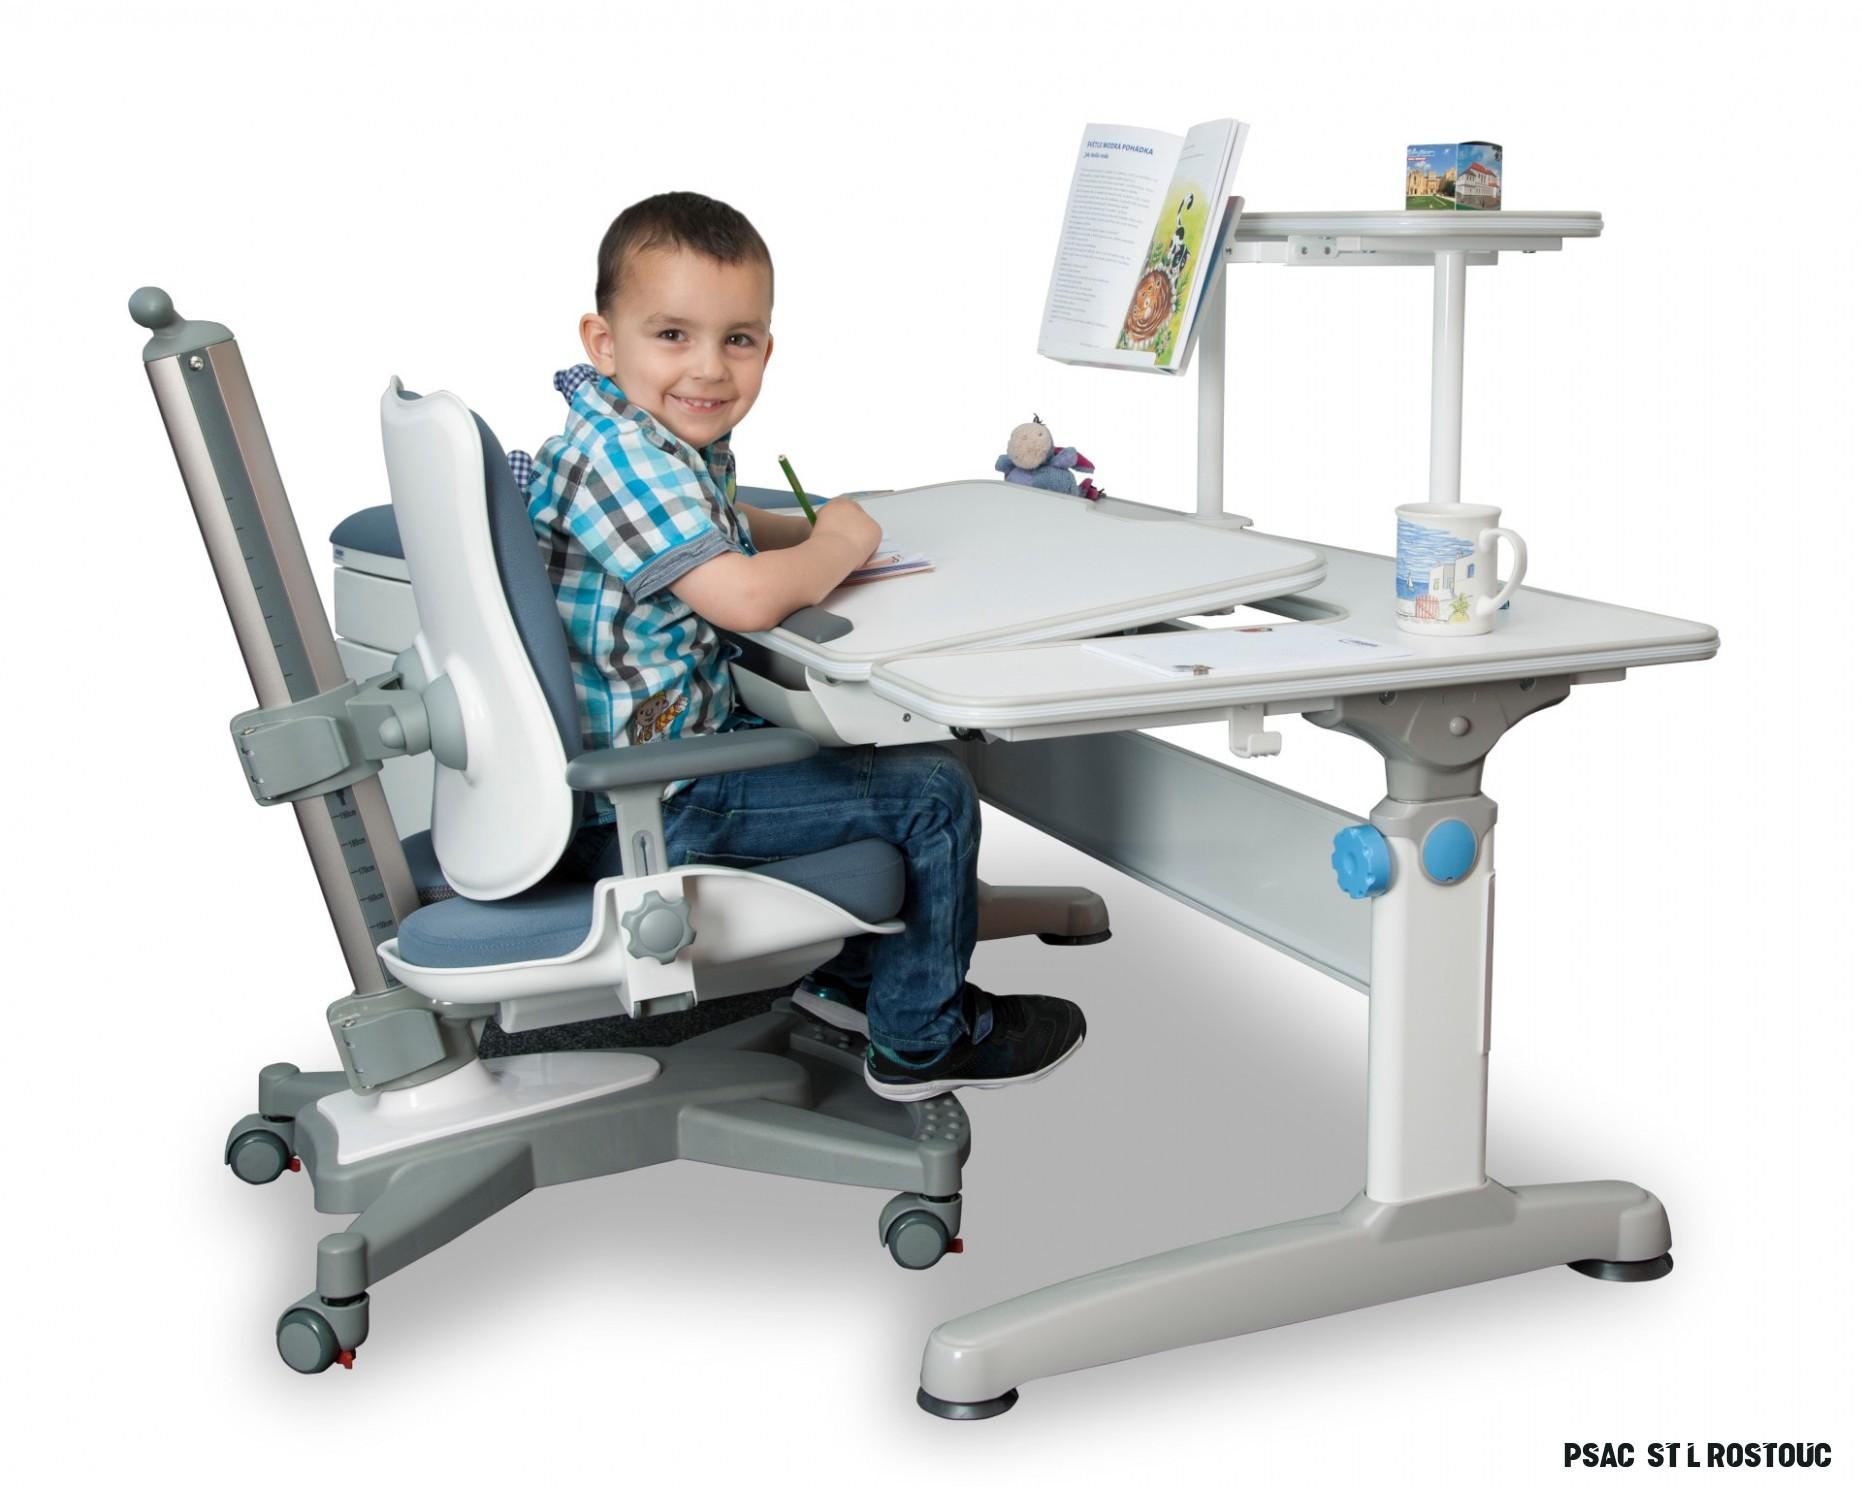 Psací stůl pro prvňáčka – na co myslet při výběru?  Rostoucí